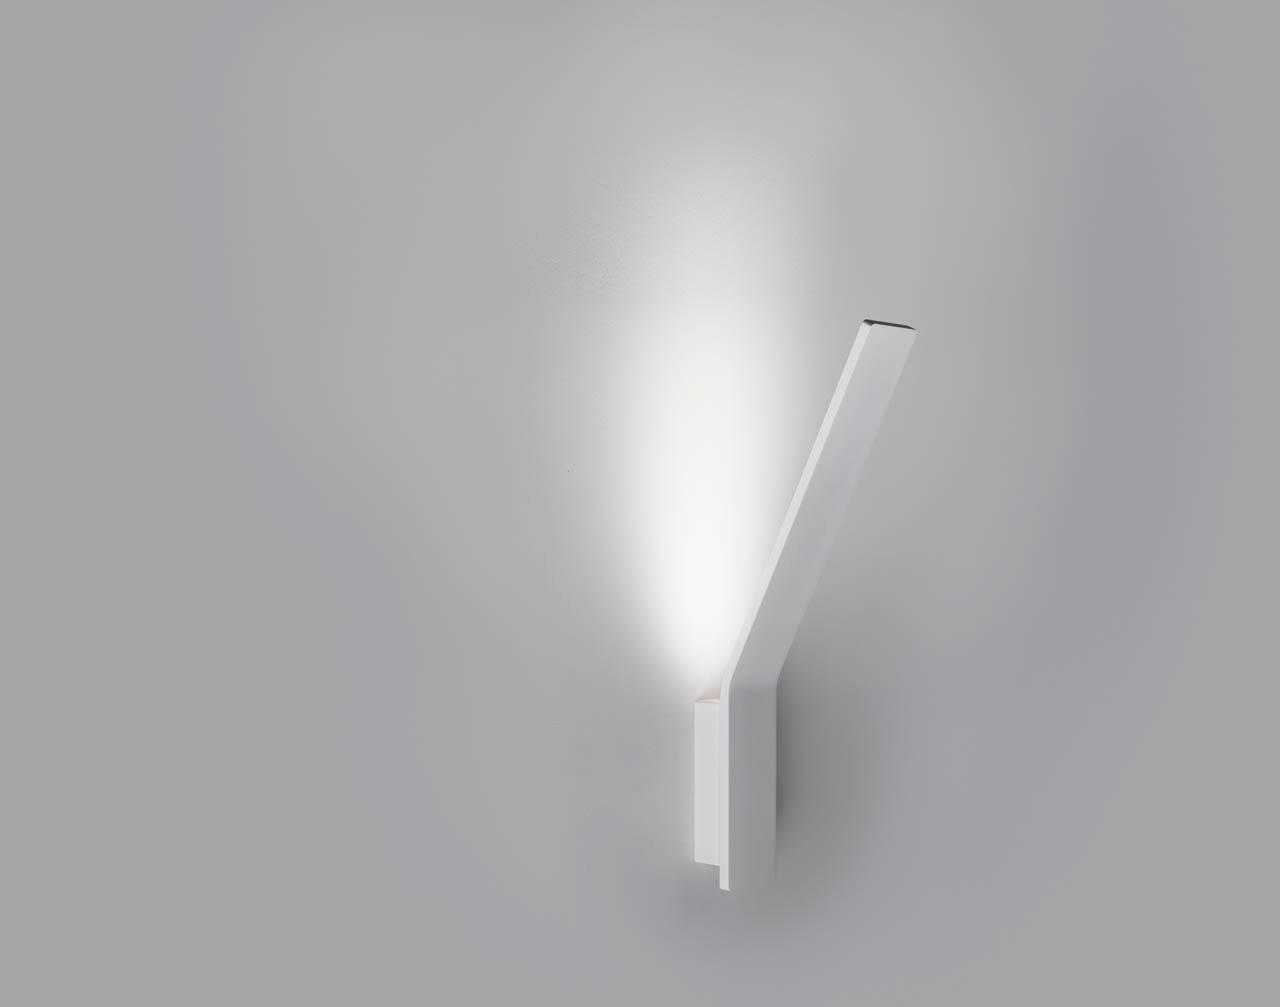 Lampade per esterno a parete led stupefacente applique al miglior